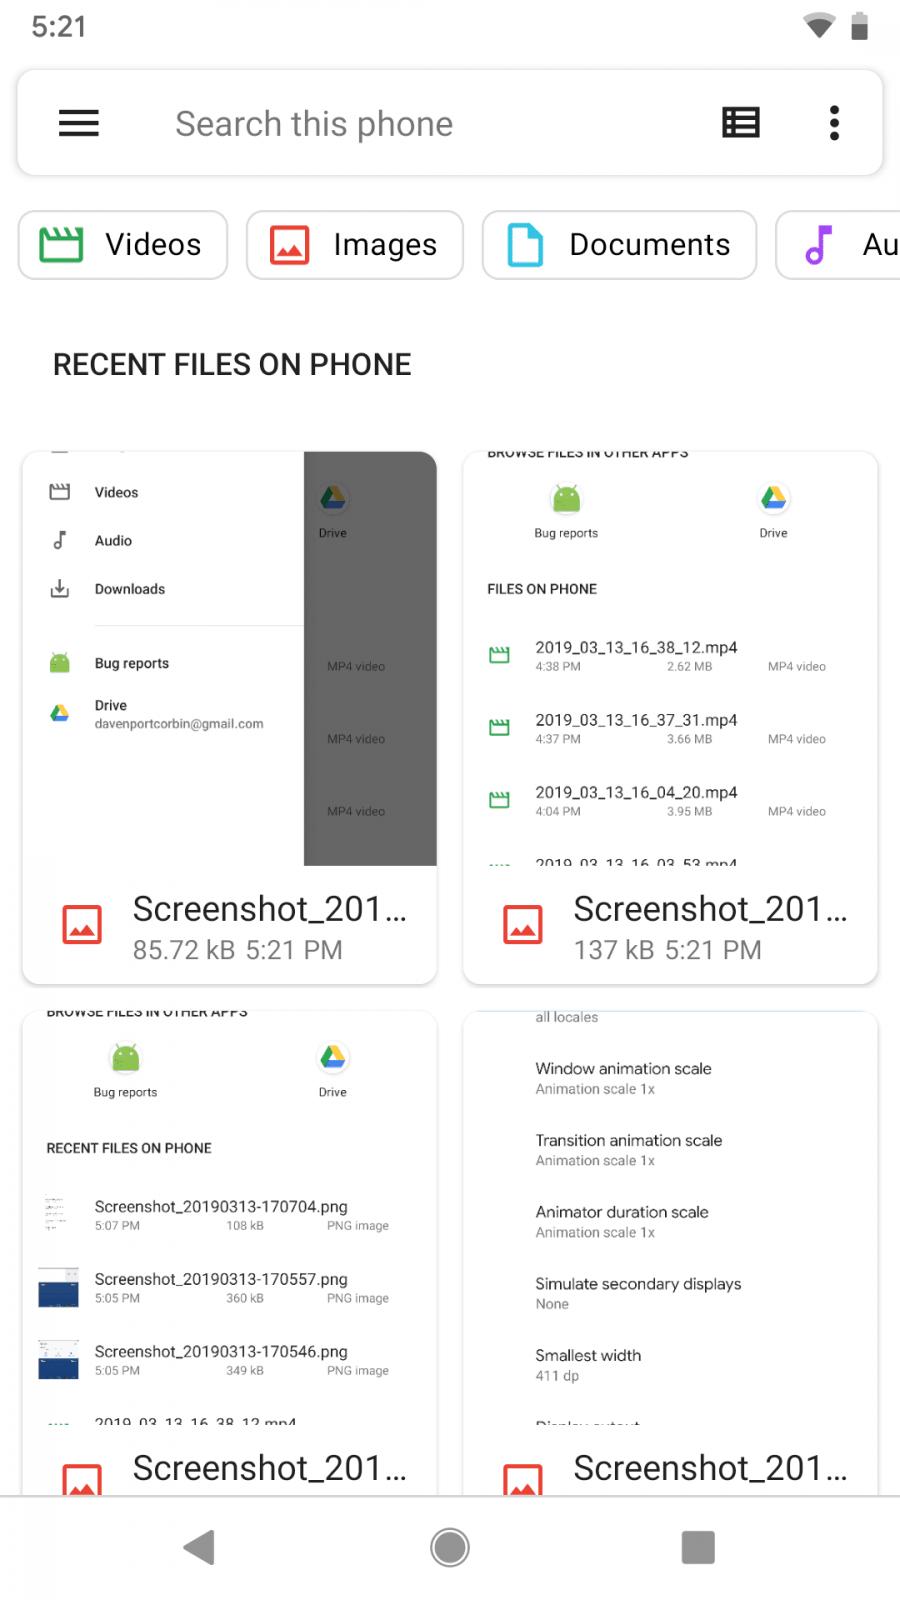 Android Q: Google обновила файловый менеджер Files. Теперь с Material Design и фильтрами (screenshot 20190313 172138)